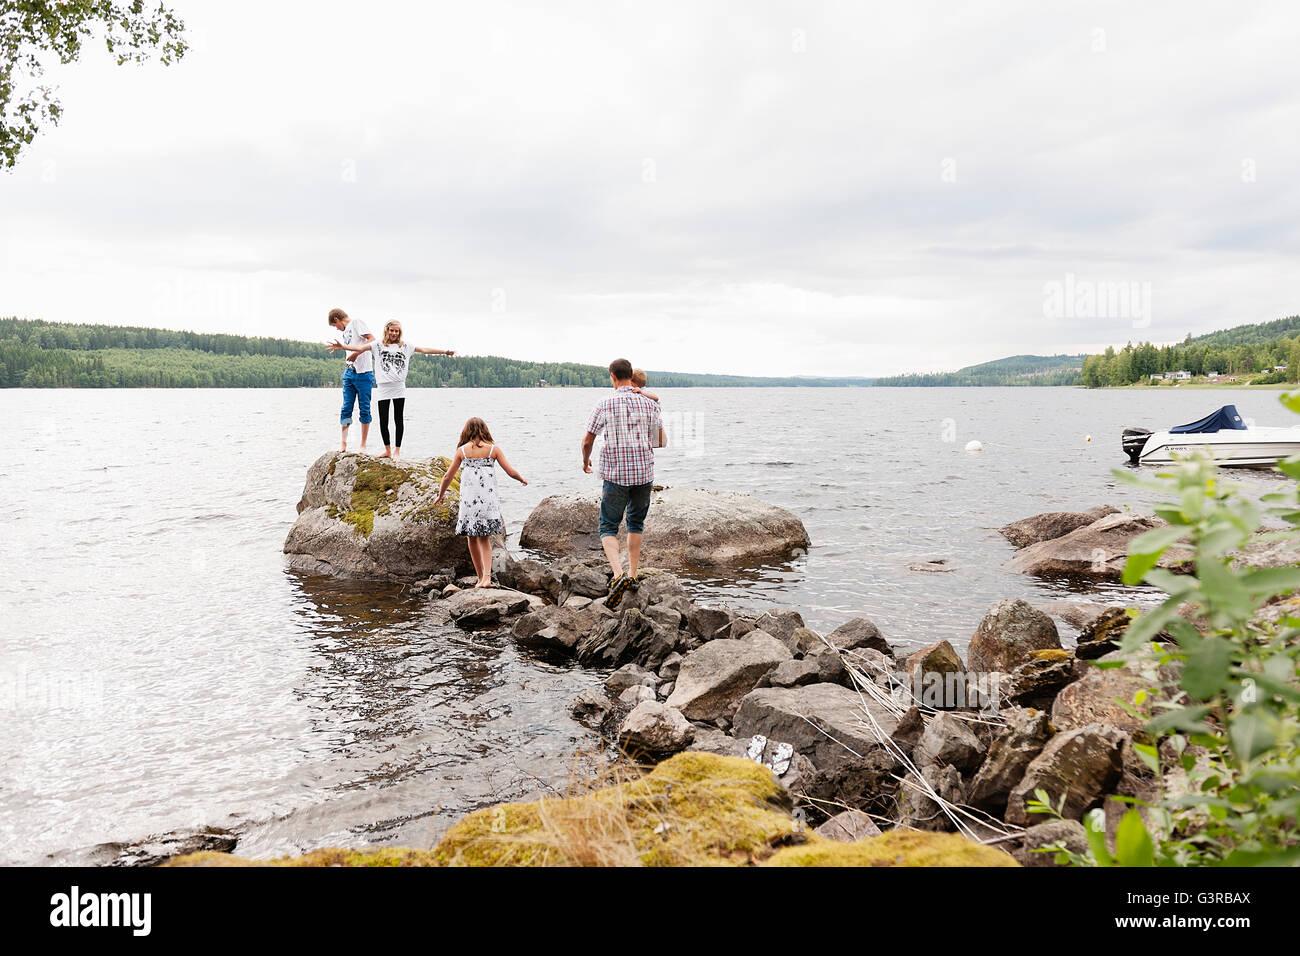 Schweden, Vastmanland, Bergslagen, Hällefors, Nygard, Familie mit vier Kindern auf Felsen stehend Stockbild